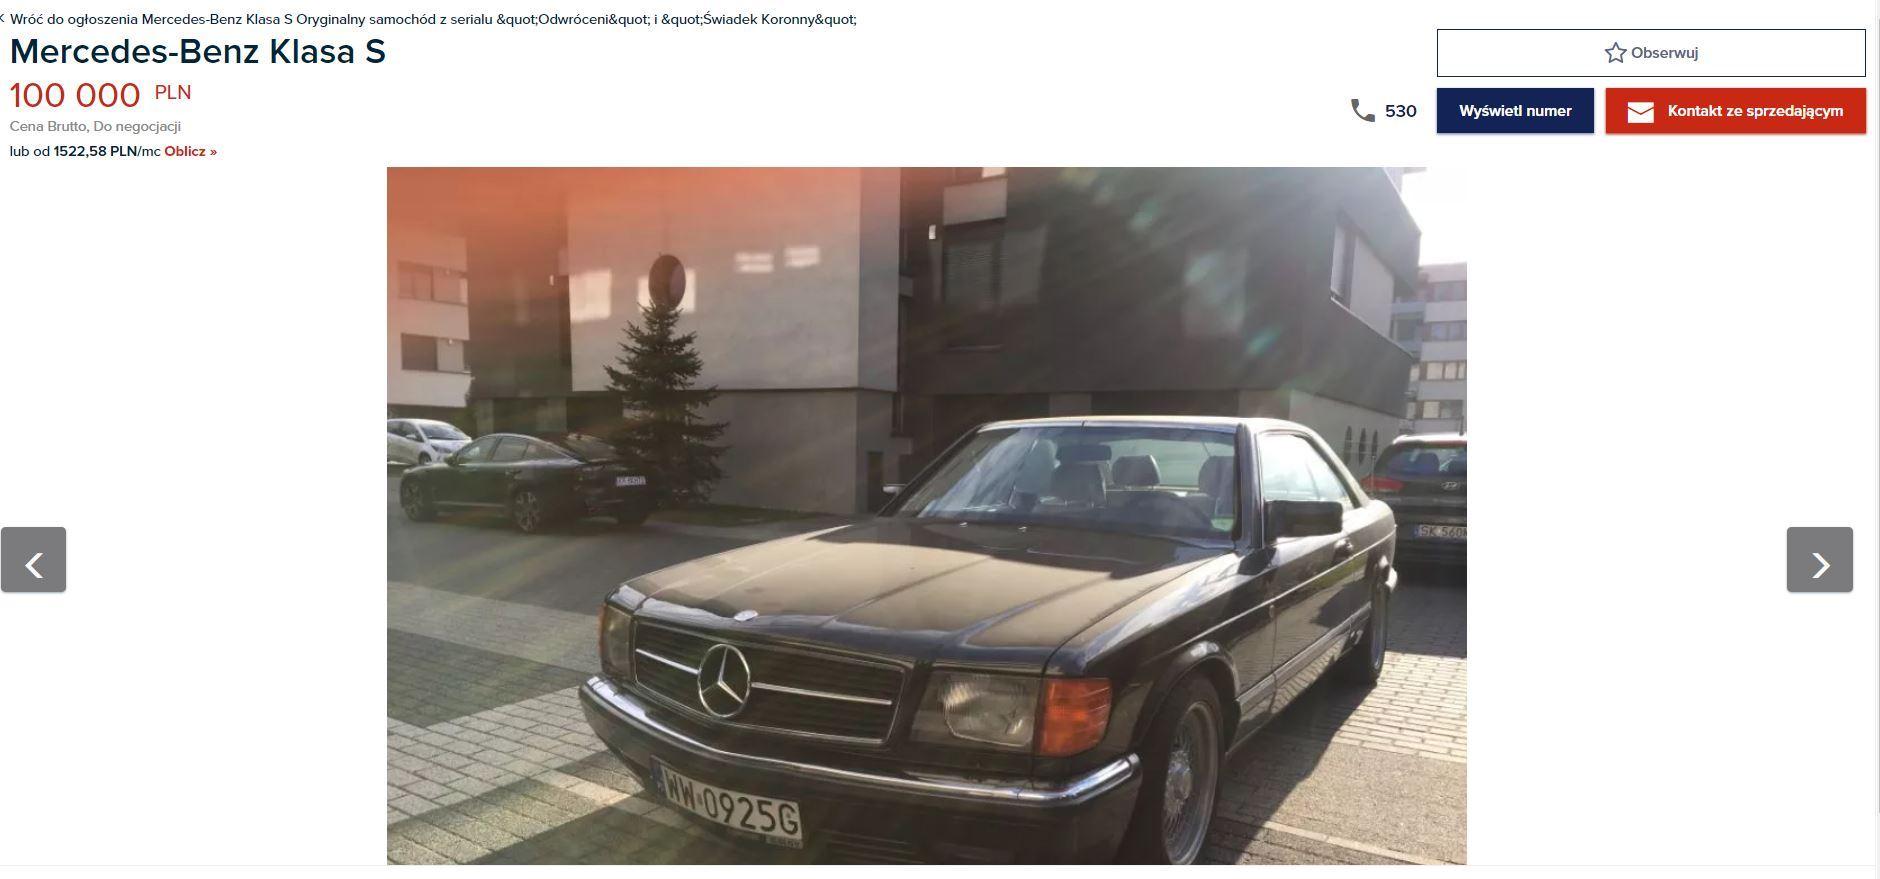 Kamil Durczok samochód